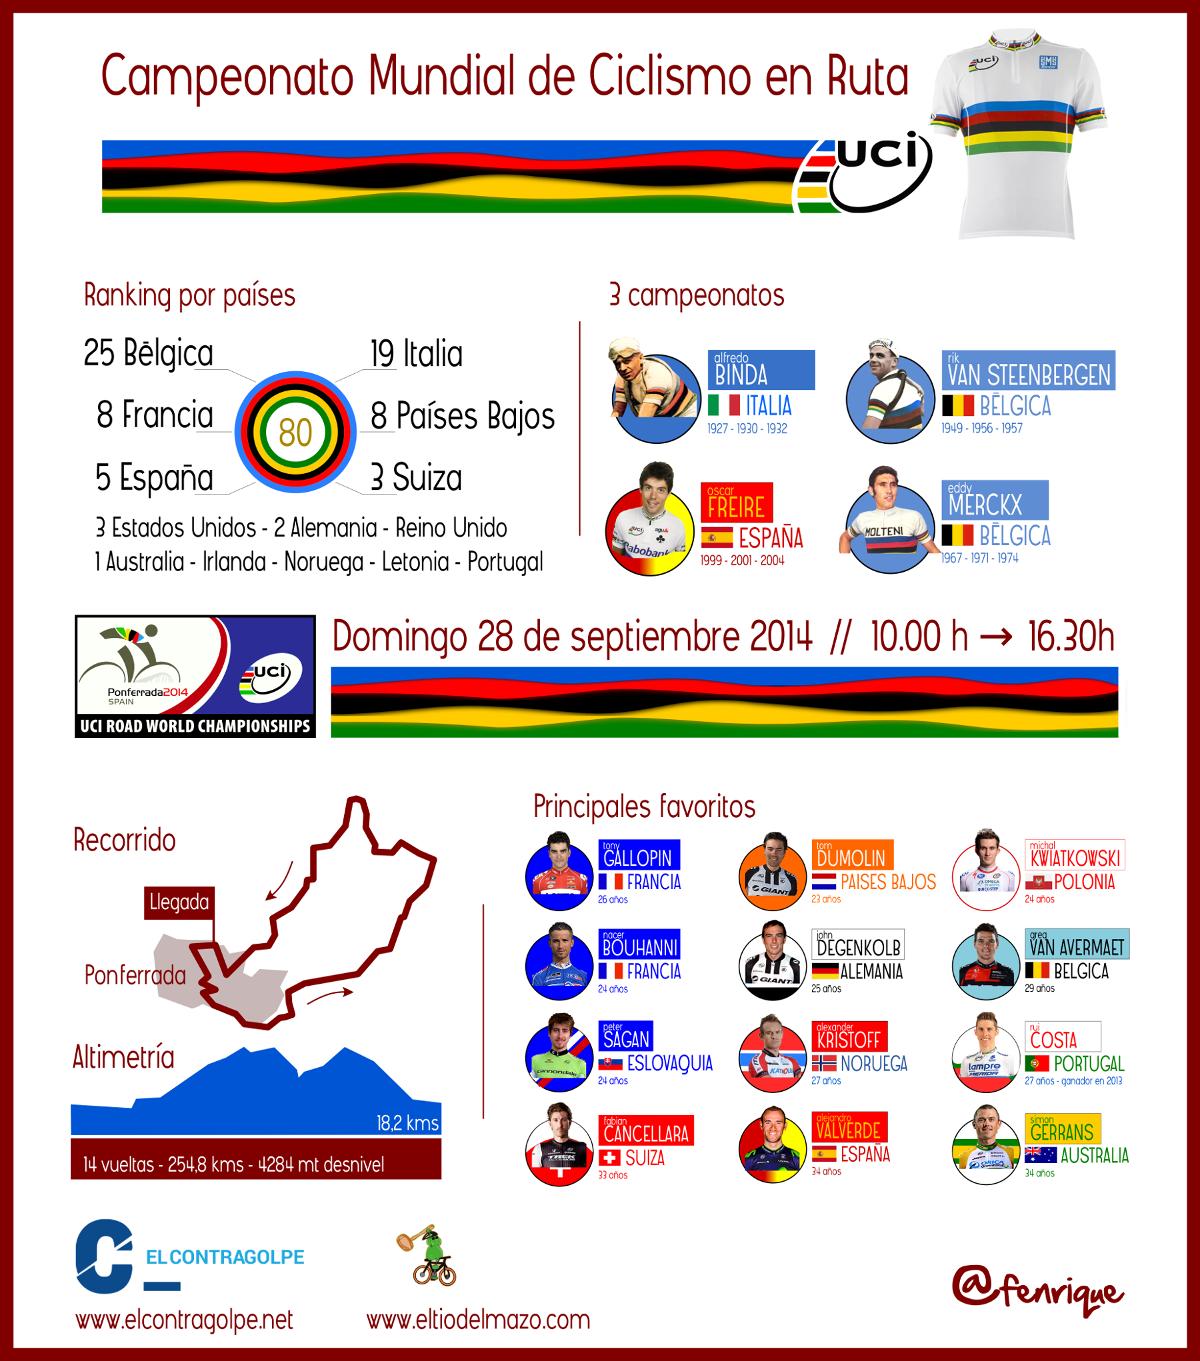 Mundial de ciclismo Ponferrada (Spain) 2014 - Página 3 Infografia_MundialPonferrada_1200px